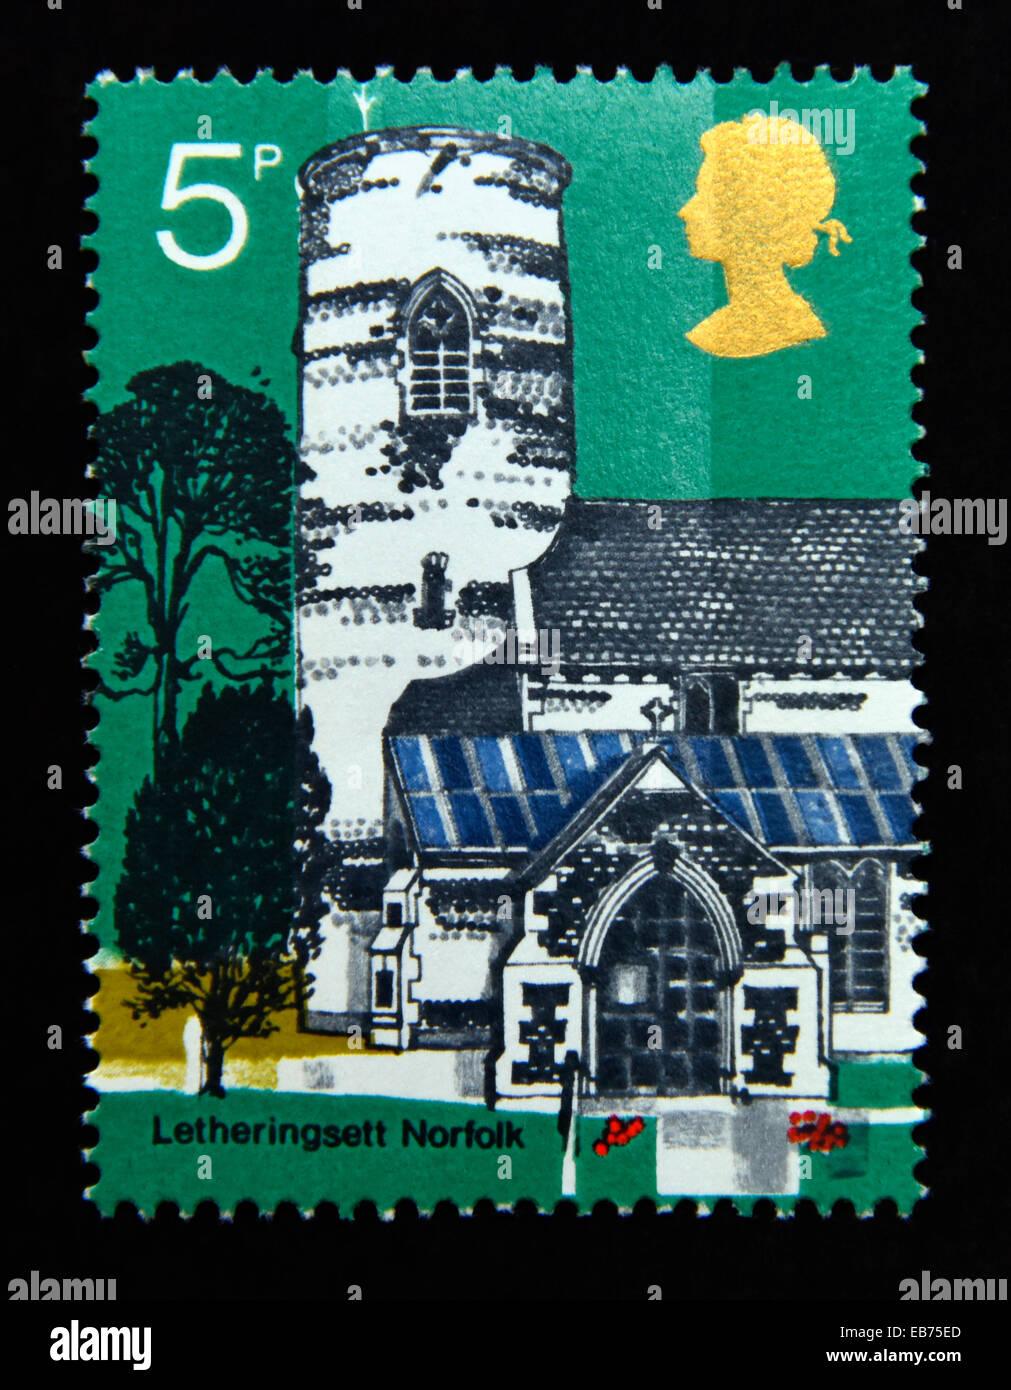 Postage stamp. Great Britain. Queen Elizabeth II. British Anniversaries. 1971. British Architecture. Village Churches. - Stock Image